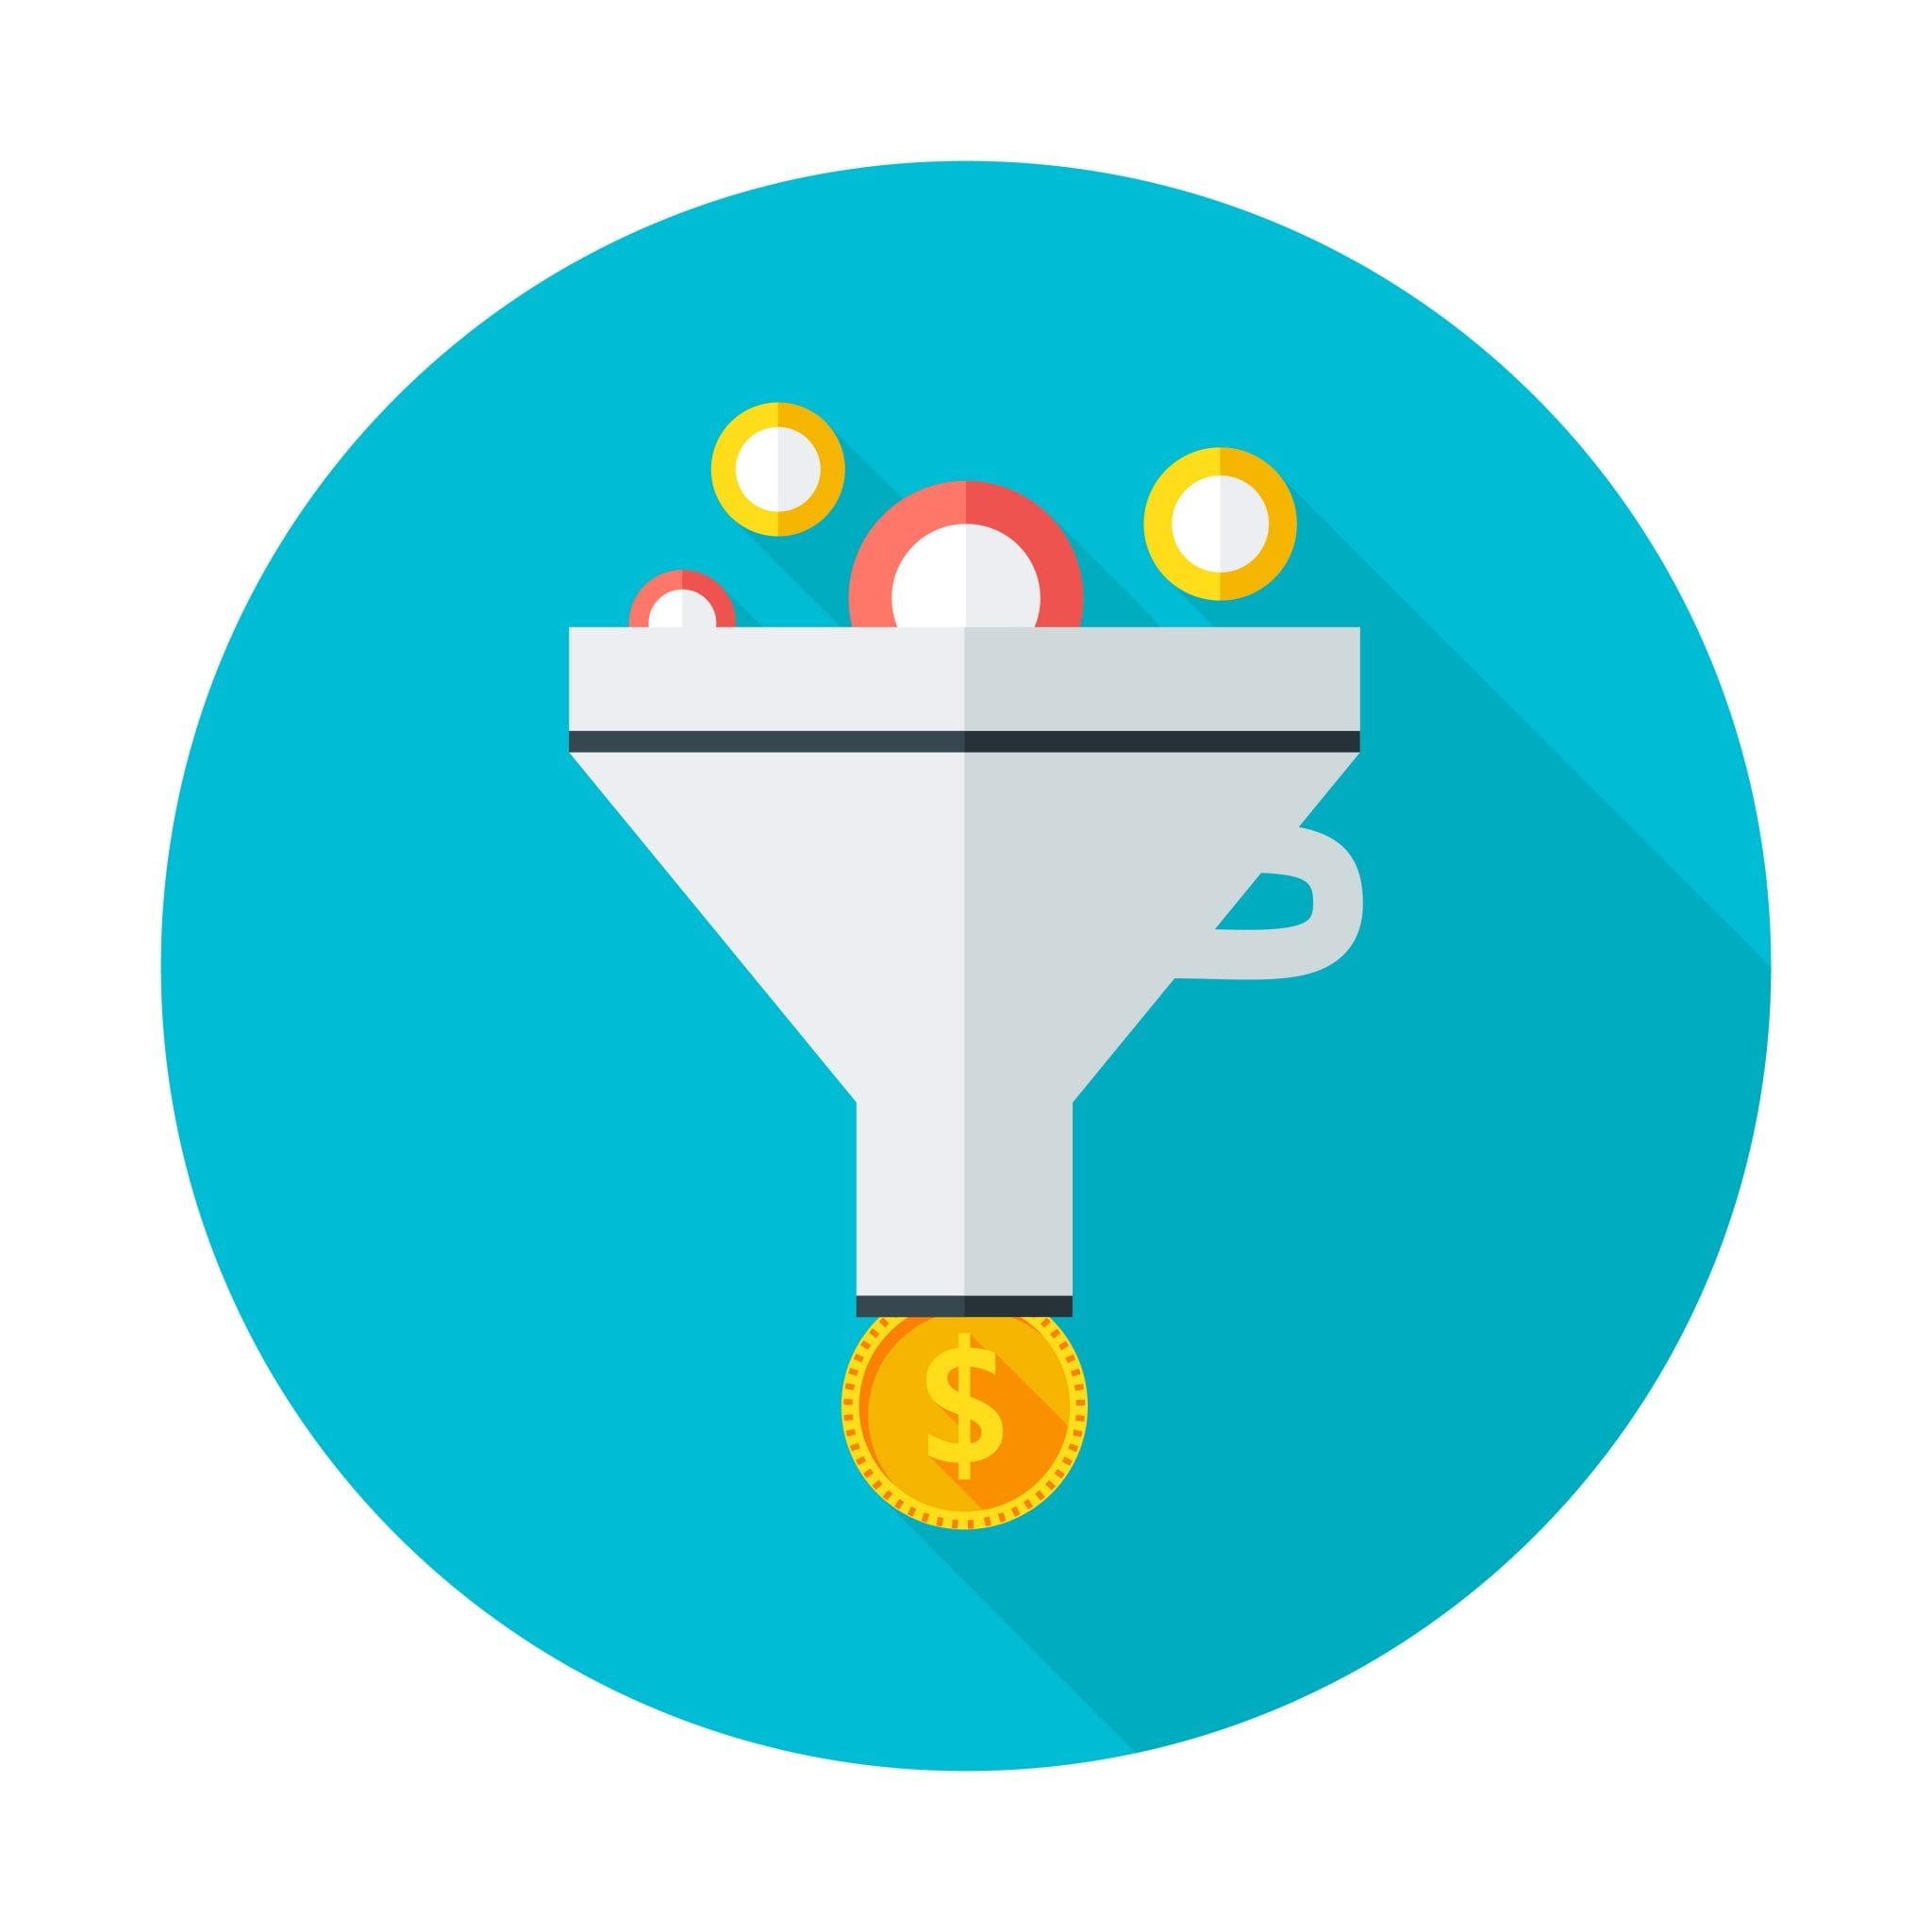 Webinar Recap: Creating Content That Converts